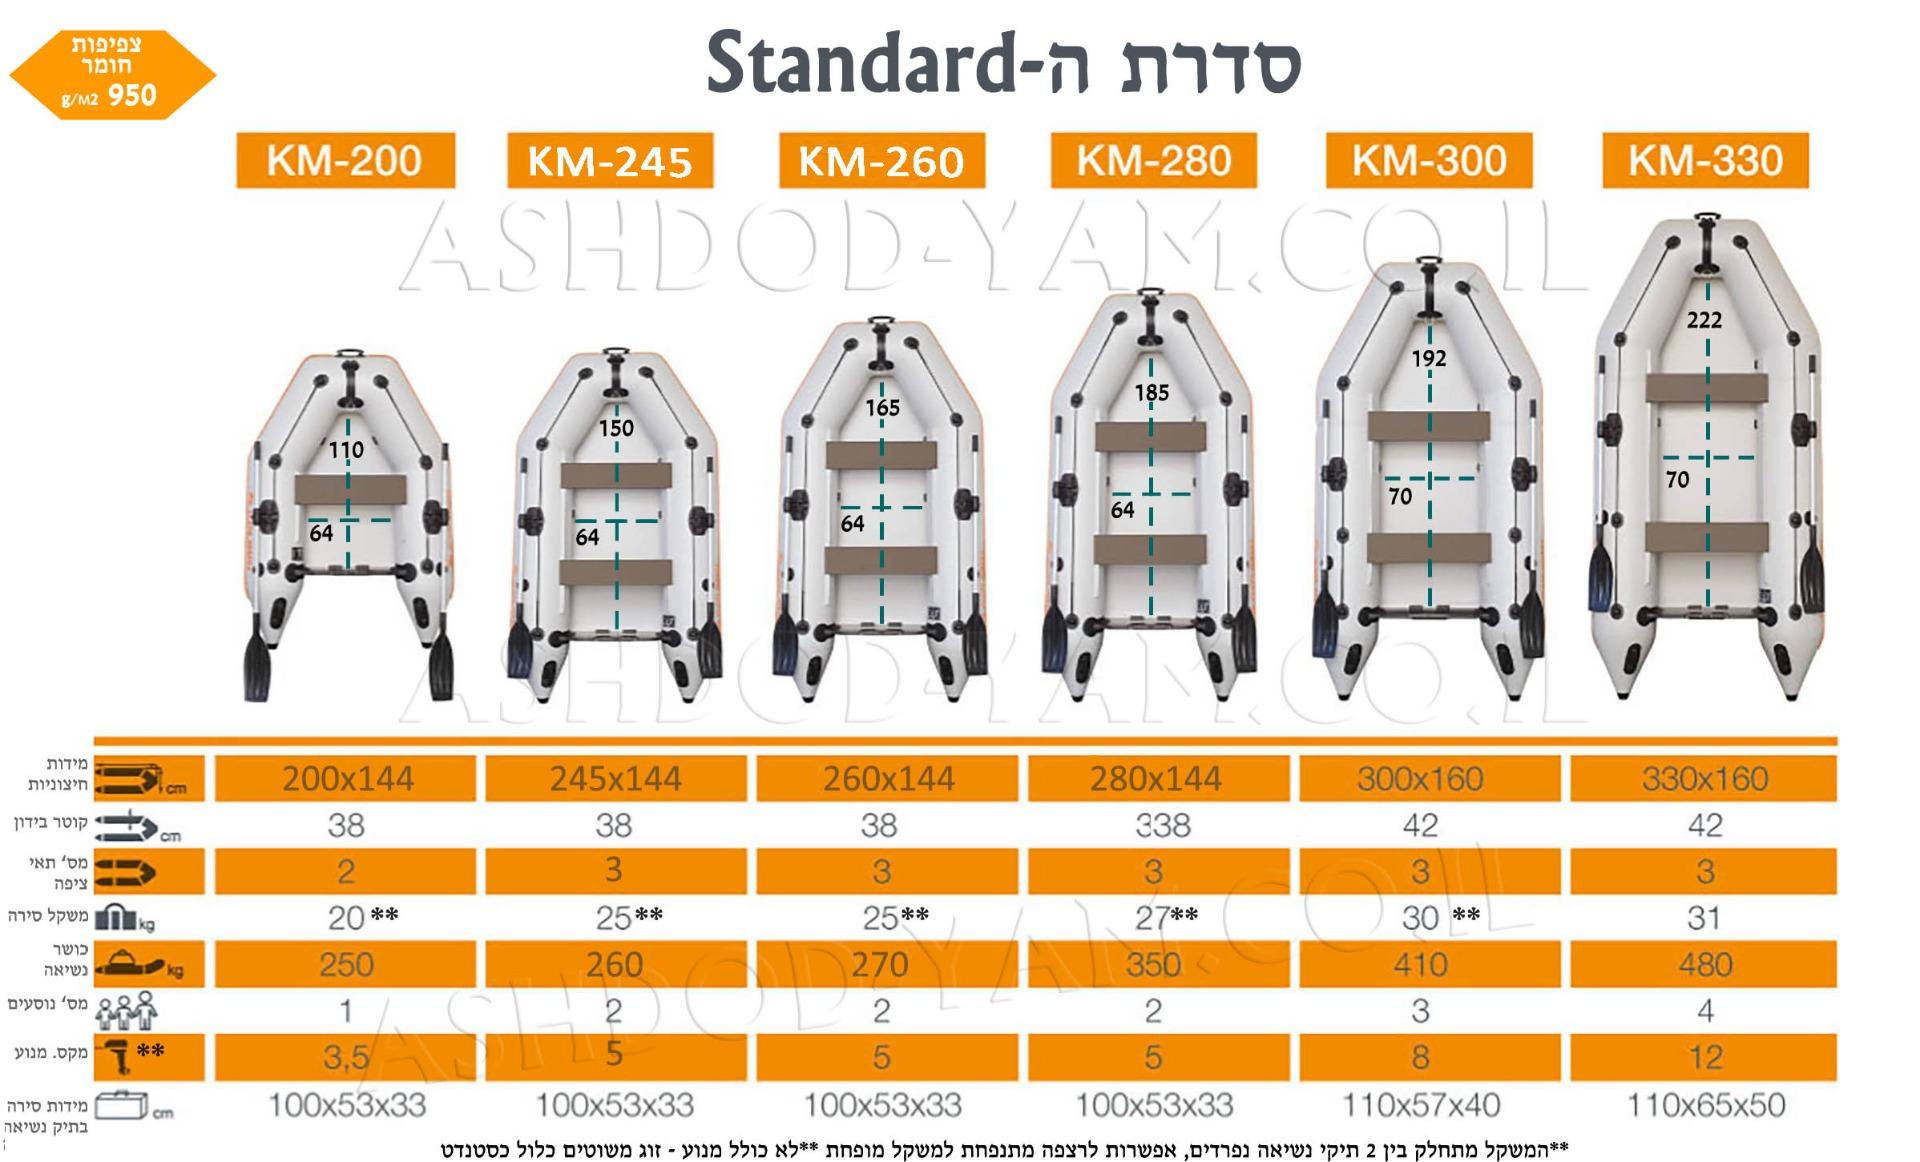 השוואת דגמי סירות קוליברי מסדרת  motorboats Standard